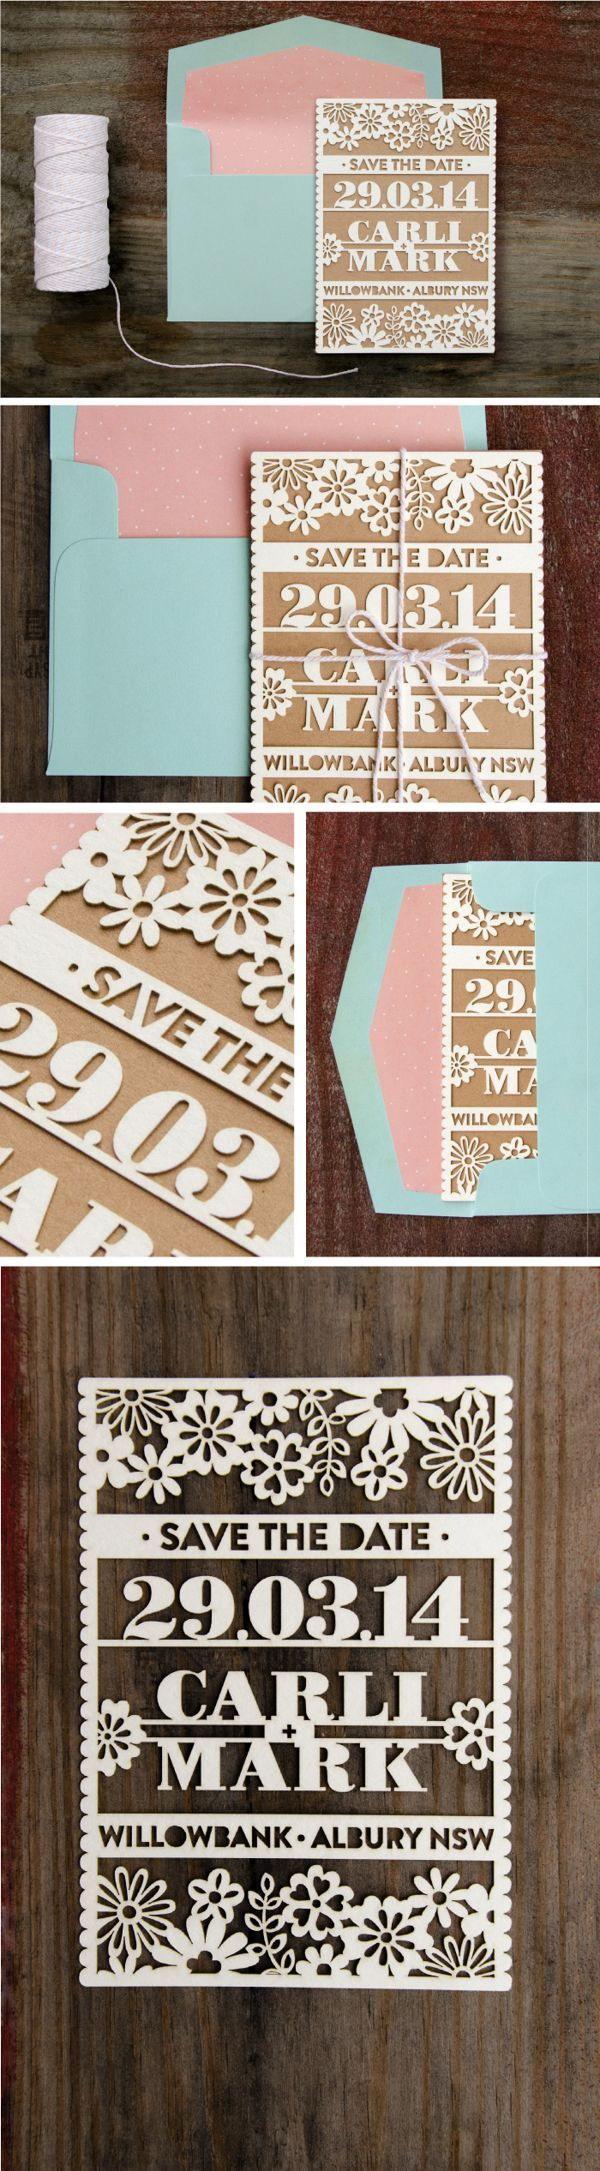 Elegant Laser Cut Save the Date Board